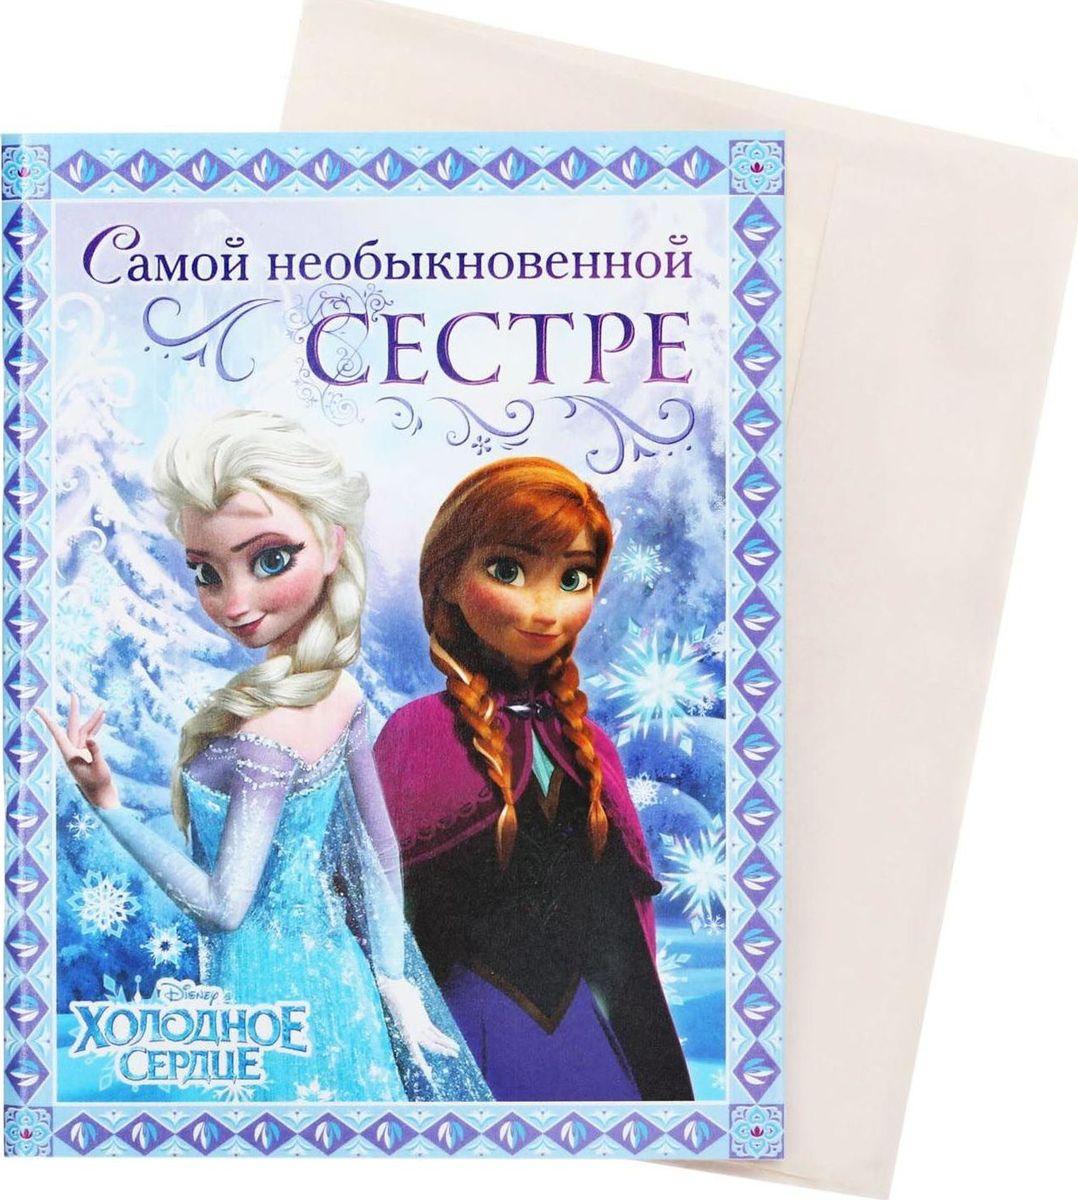 Disney Блокнот-открытка Холодное сердце Самой необыкновенной сестре 32 листа116406Перед вами уникальная разработка нашего креативного отдела. С одной стороны, это яркая открытка с героями любимого мультфильма, а стоит заглянуть внутрь, и вы найдете 32 дизайнерских листа с бархатной фактурой. Роскошный сувенир, разработанный специально для маленьких принцесс. В отличие от обычной открытки, которая зачастую просто пылиться в шкафу, блокнотом Самой необыкновенной сестре приятно пользоваться! Все элементы украшены милыми комплиментами и советами для юных красавиц. Герои мультика Холодное сердце изображены на обложке блокнота и на внутренних листах, так что каждая запись приносит еще больше удовольствия. Эксклюзивный блокнот-открытка будет прекрасным подарком для любимой сестренки любого возраста. В подарок к блокноту-открытке вложен универсальный конверт. Подпишите его, открытку и вручите сувенир адресату на любой праздник.